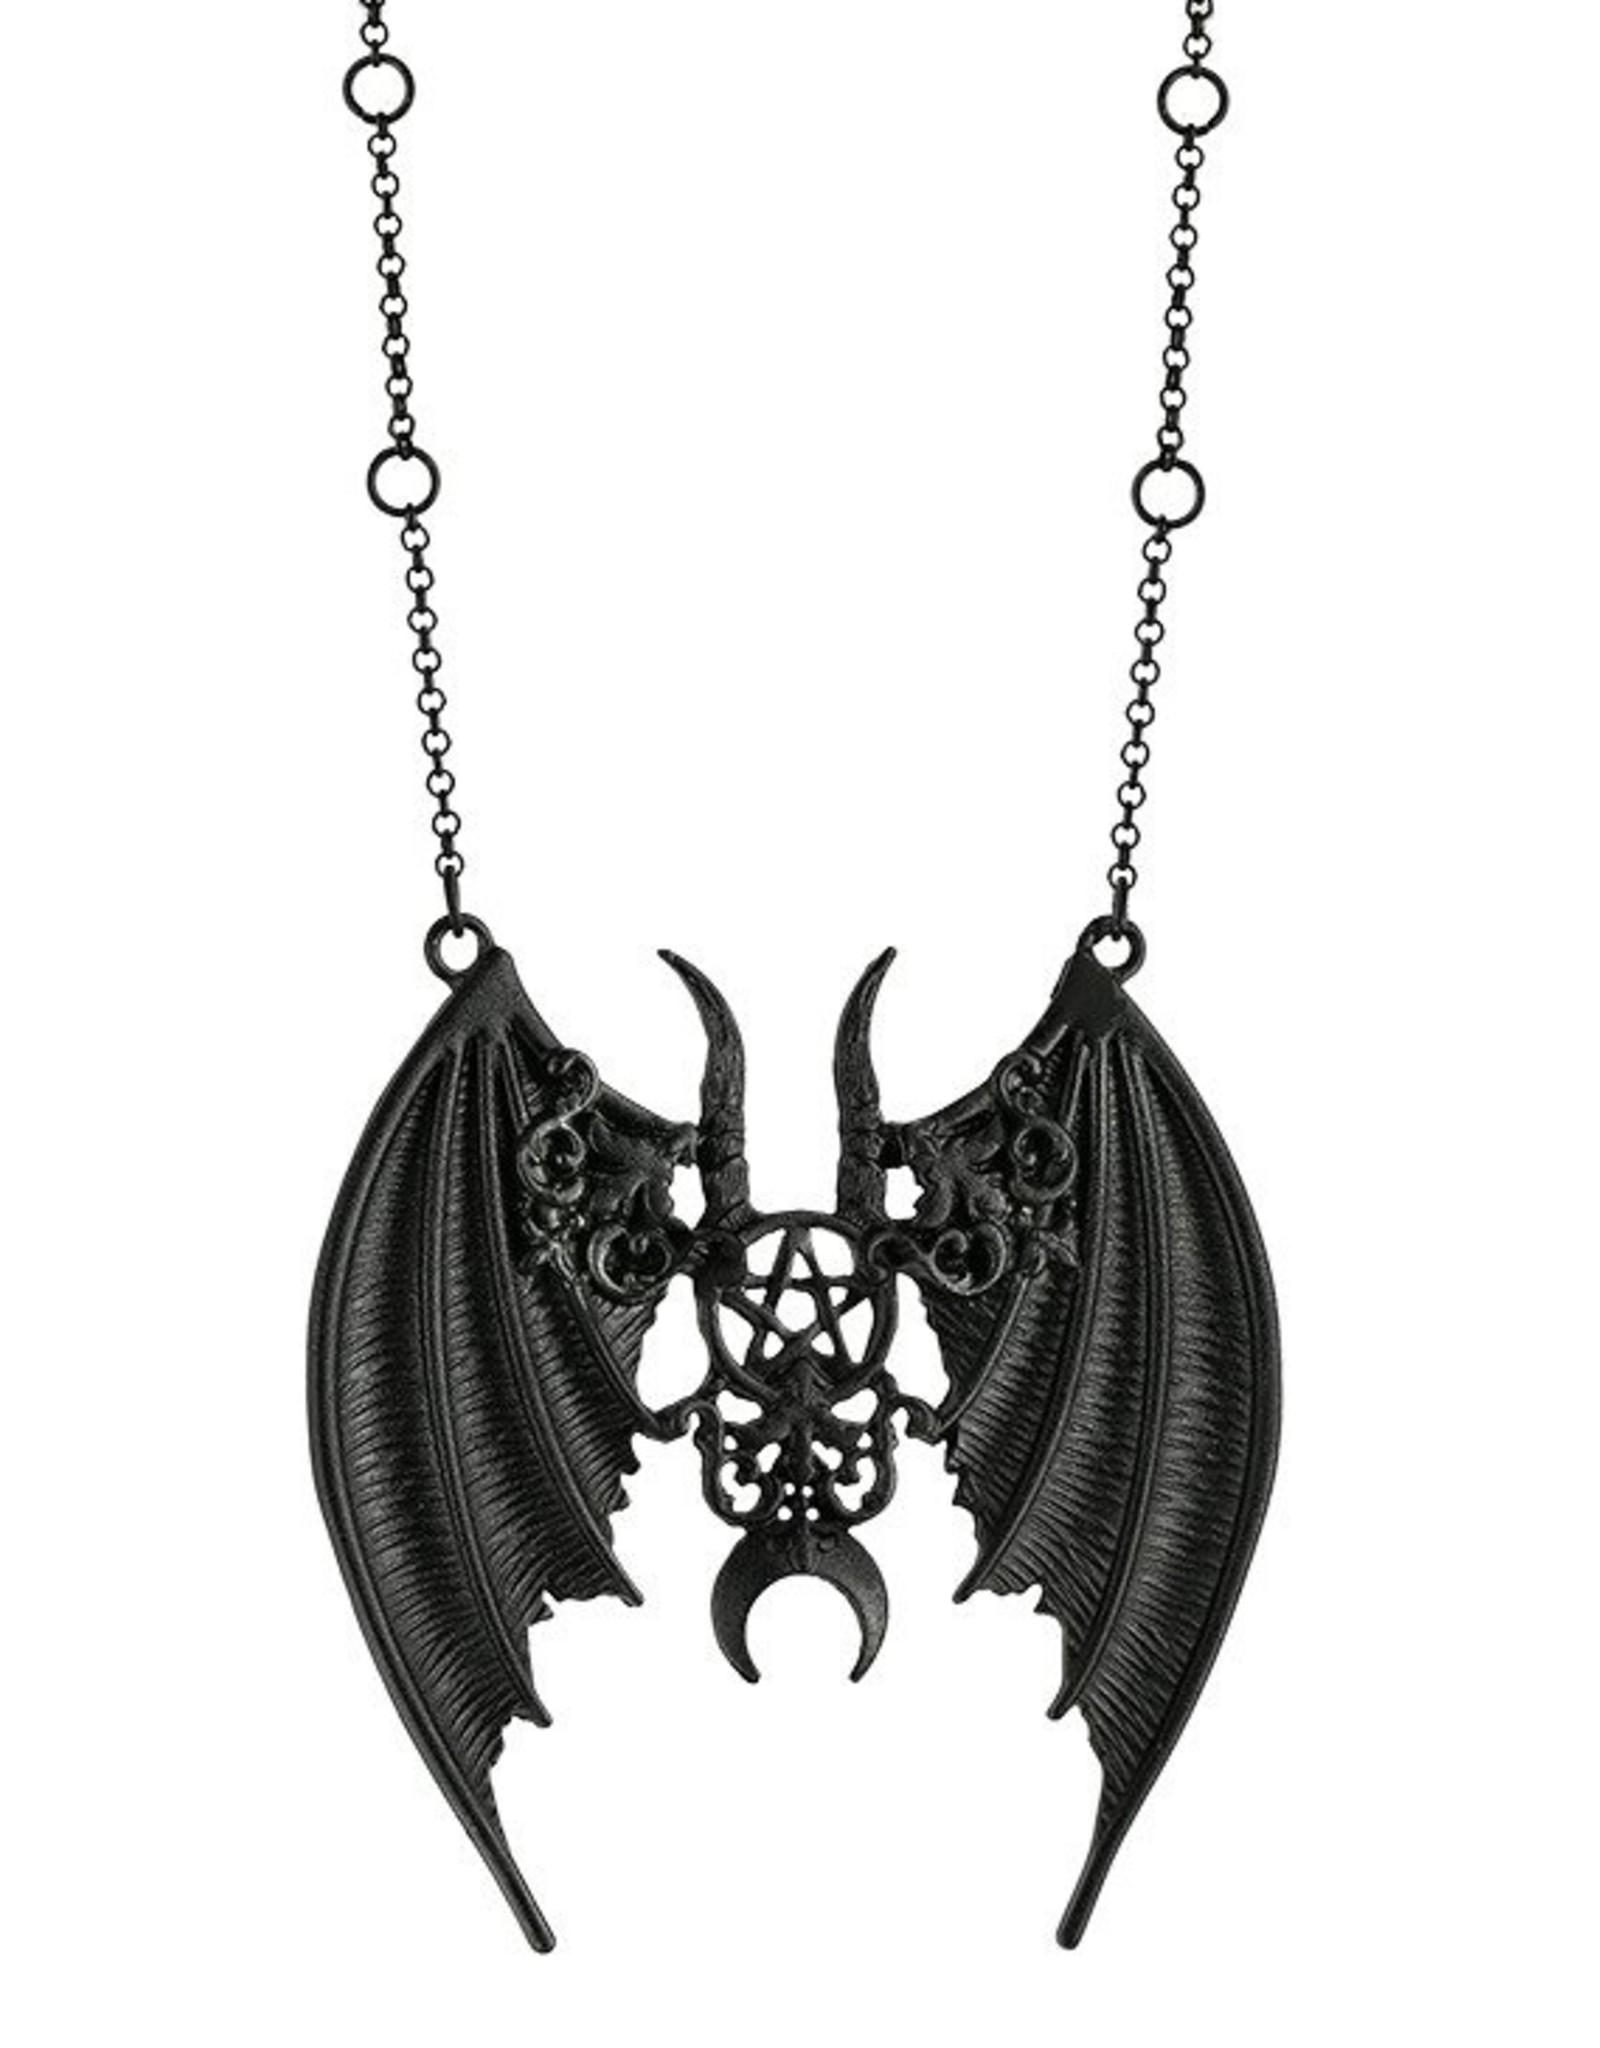 Restyle Gothic sieraden Steampunk sieraden - Gothic Ketting  Maleficent  (zwart) - Restyle